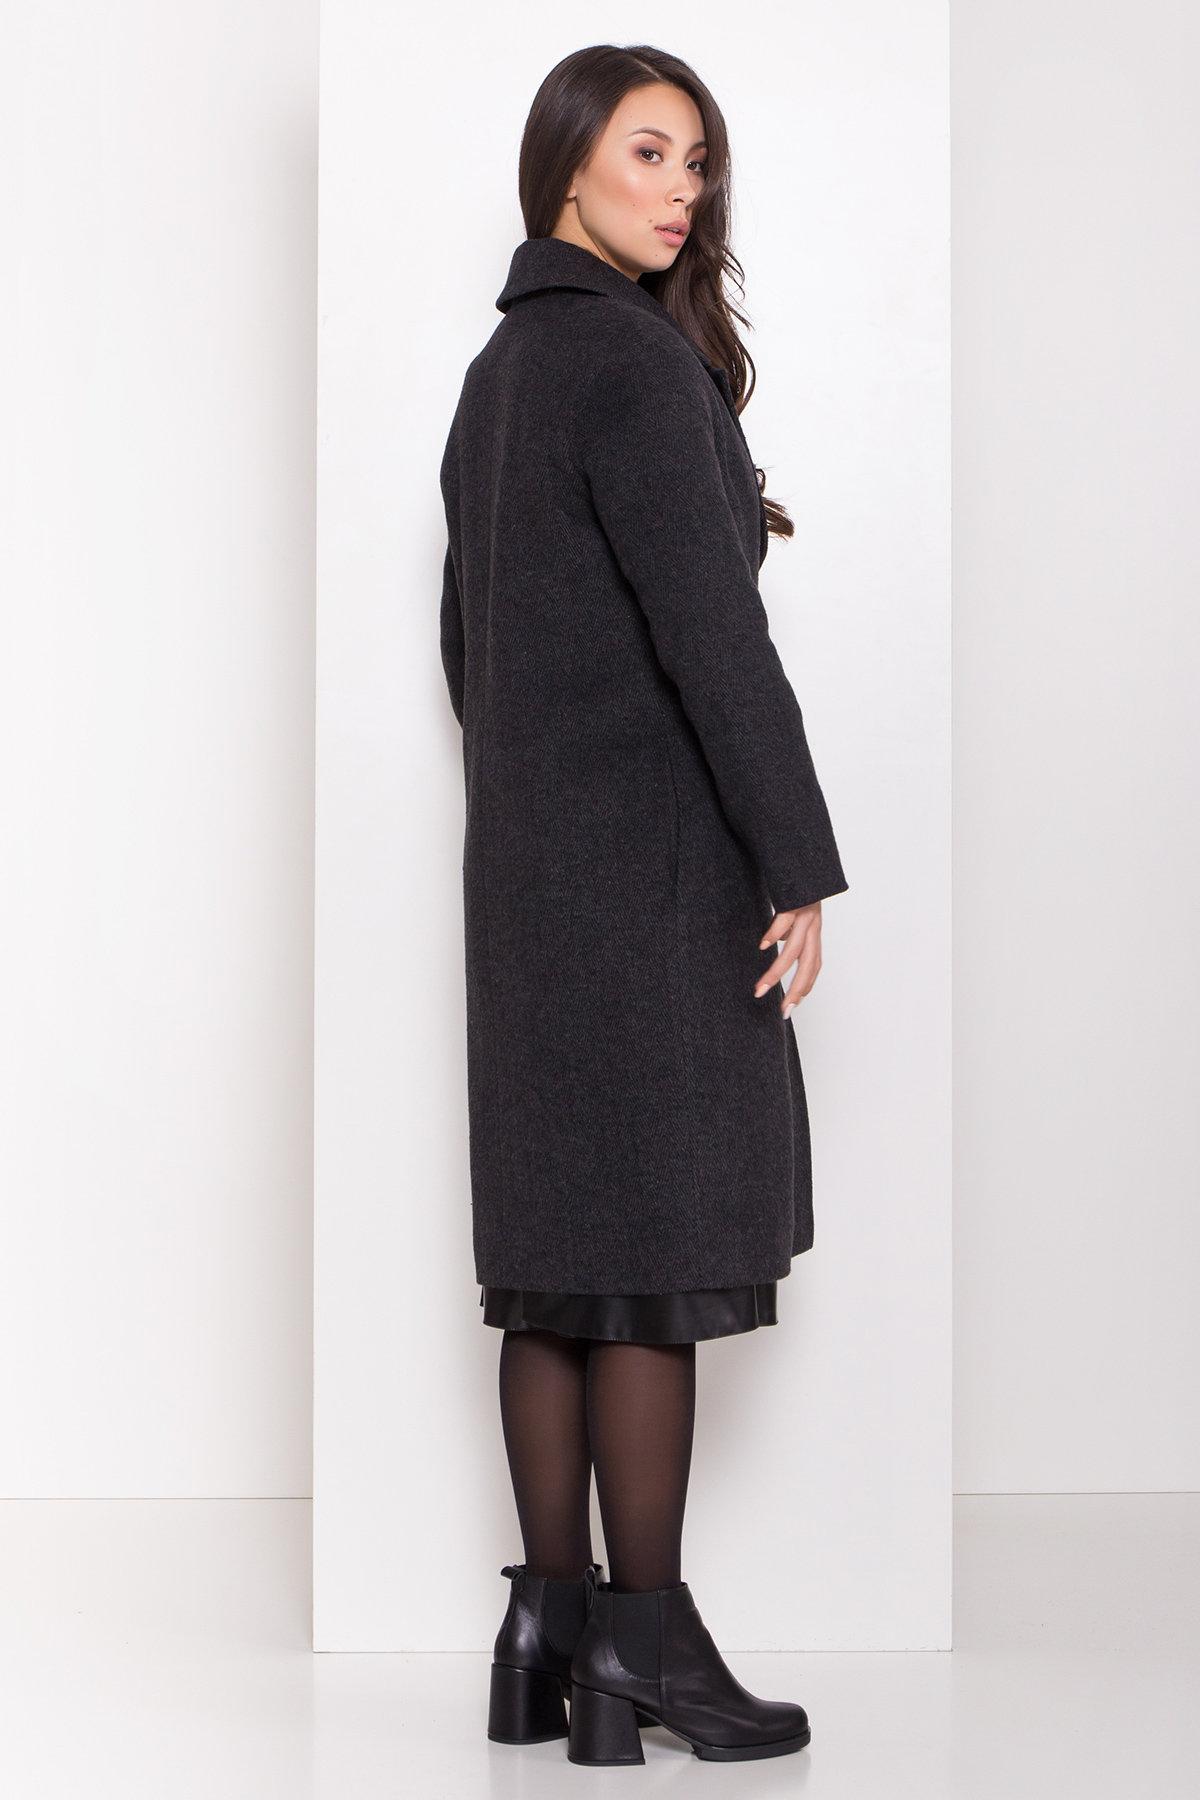 Зимнее пальто полуприталенного кроя Севен 8262 АРТ. 44329 Цвет: Чёрный/молоко - фото 3, интернет магазин tm-modus.ru